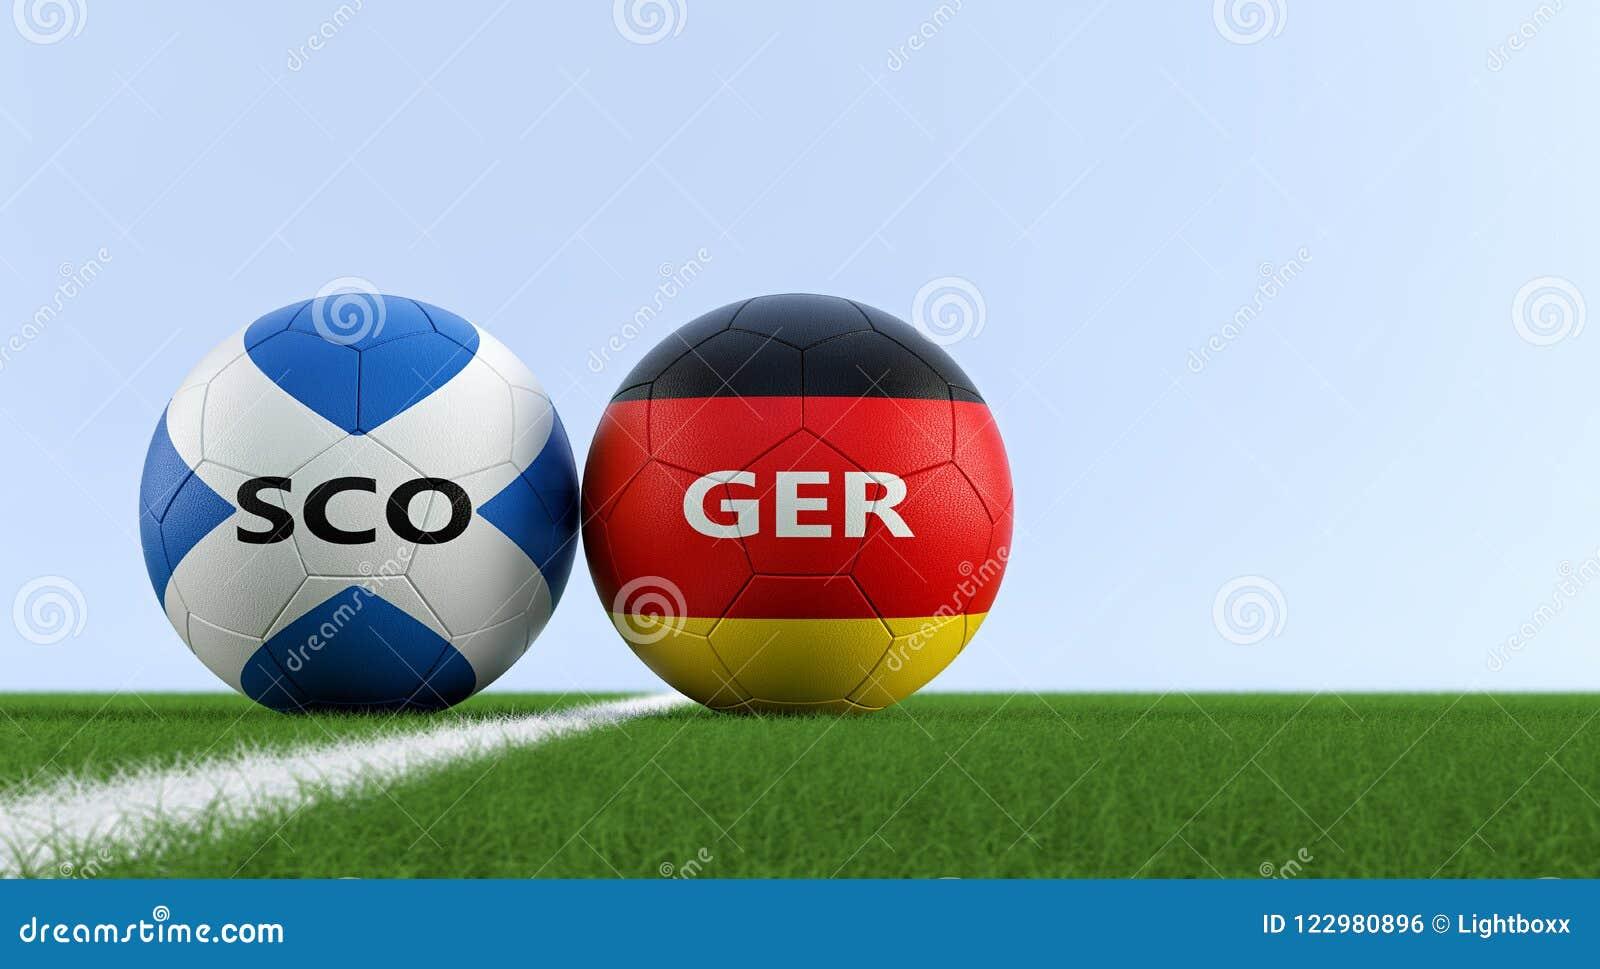 Перевод футбольный на немецкий